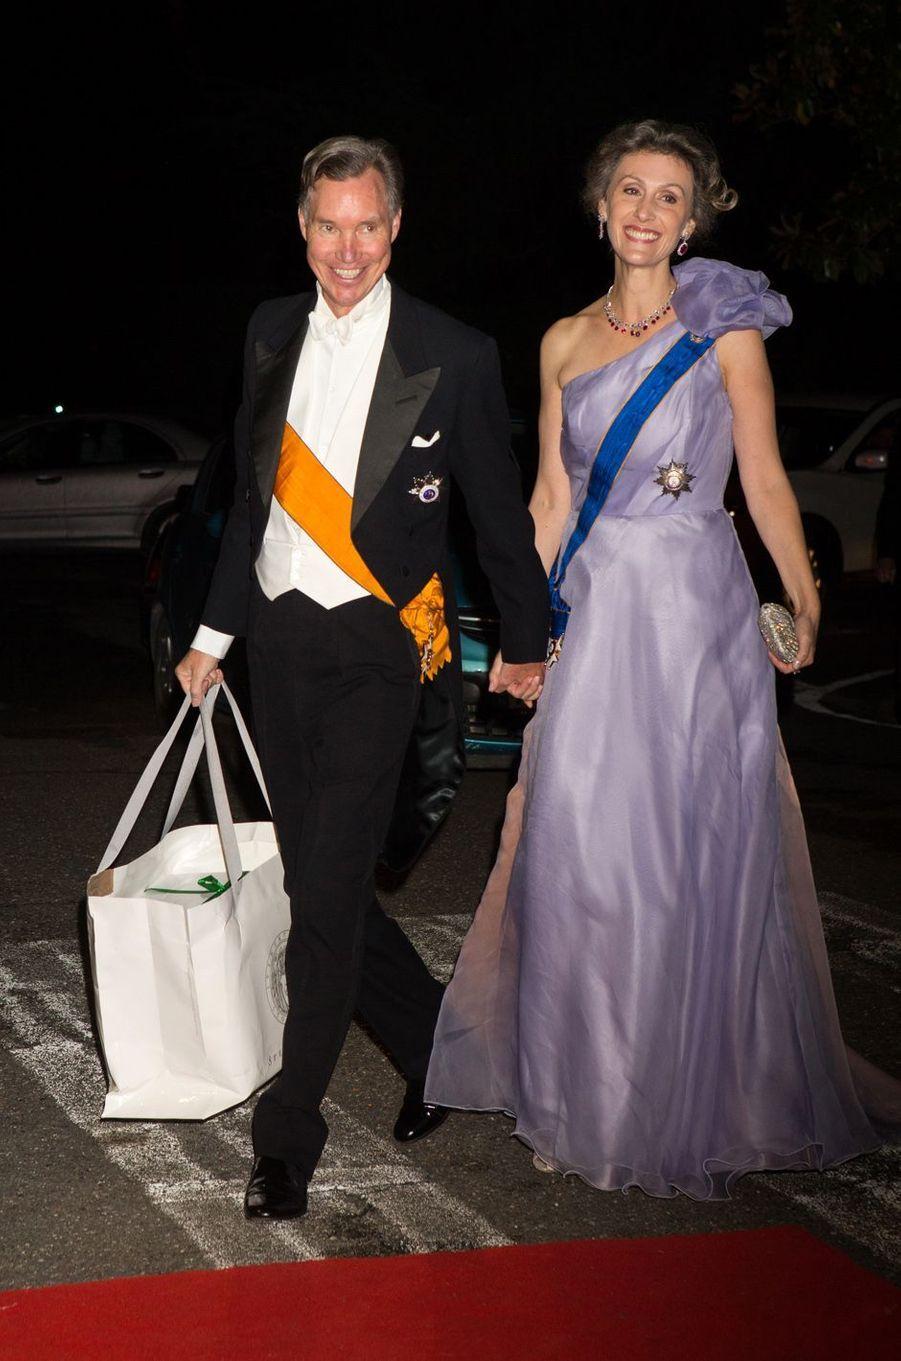 Le prince Guillaume de Luxembourg et la princesse Sybilla Weiller